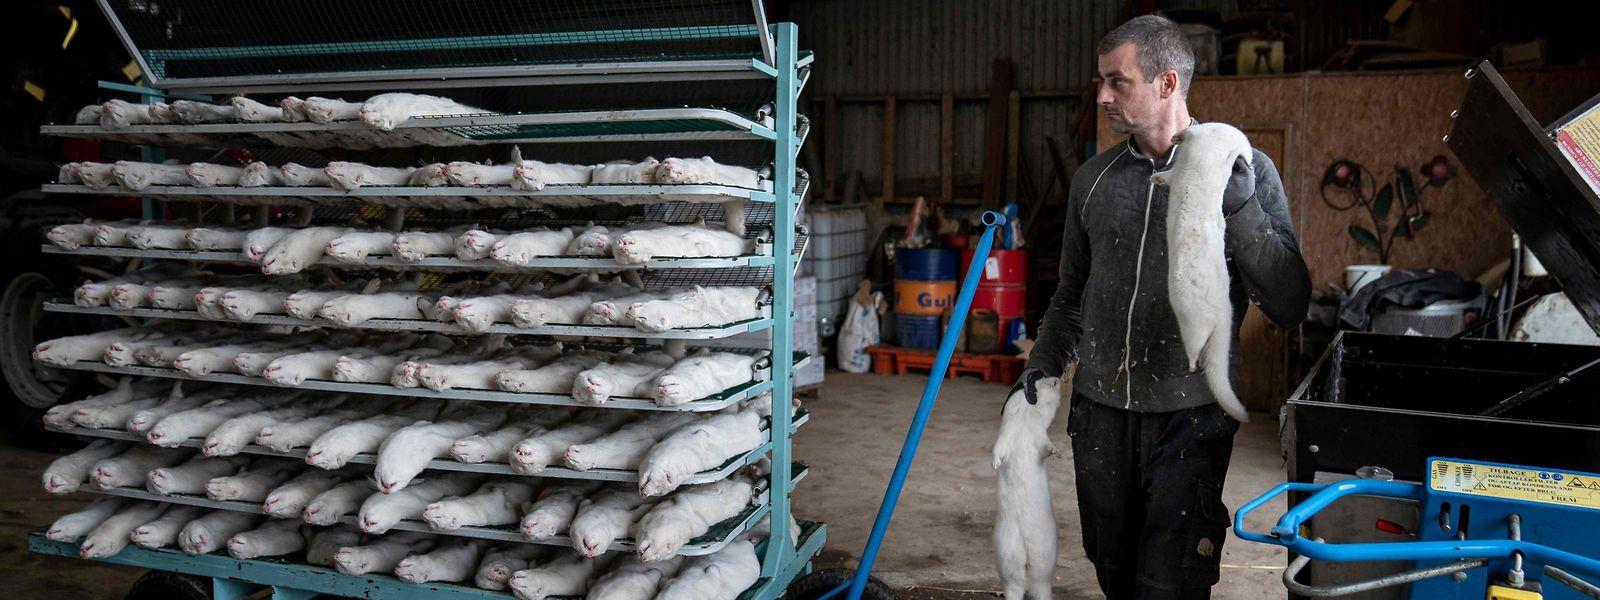 Diese Nerze wurden getötet. Die dänische Regierung hatte Anfang November mitgeteilt, dass alle Pelztiere im Land getötet werden sollen, weil das Coronavirus in den Tieren mutiert sei und sich bereits auf den Menschen übertragen habe.